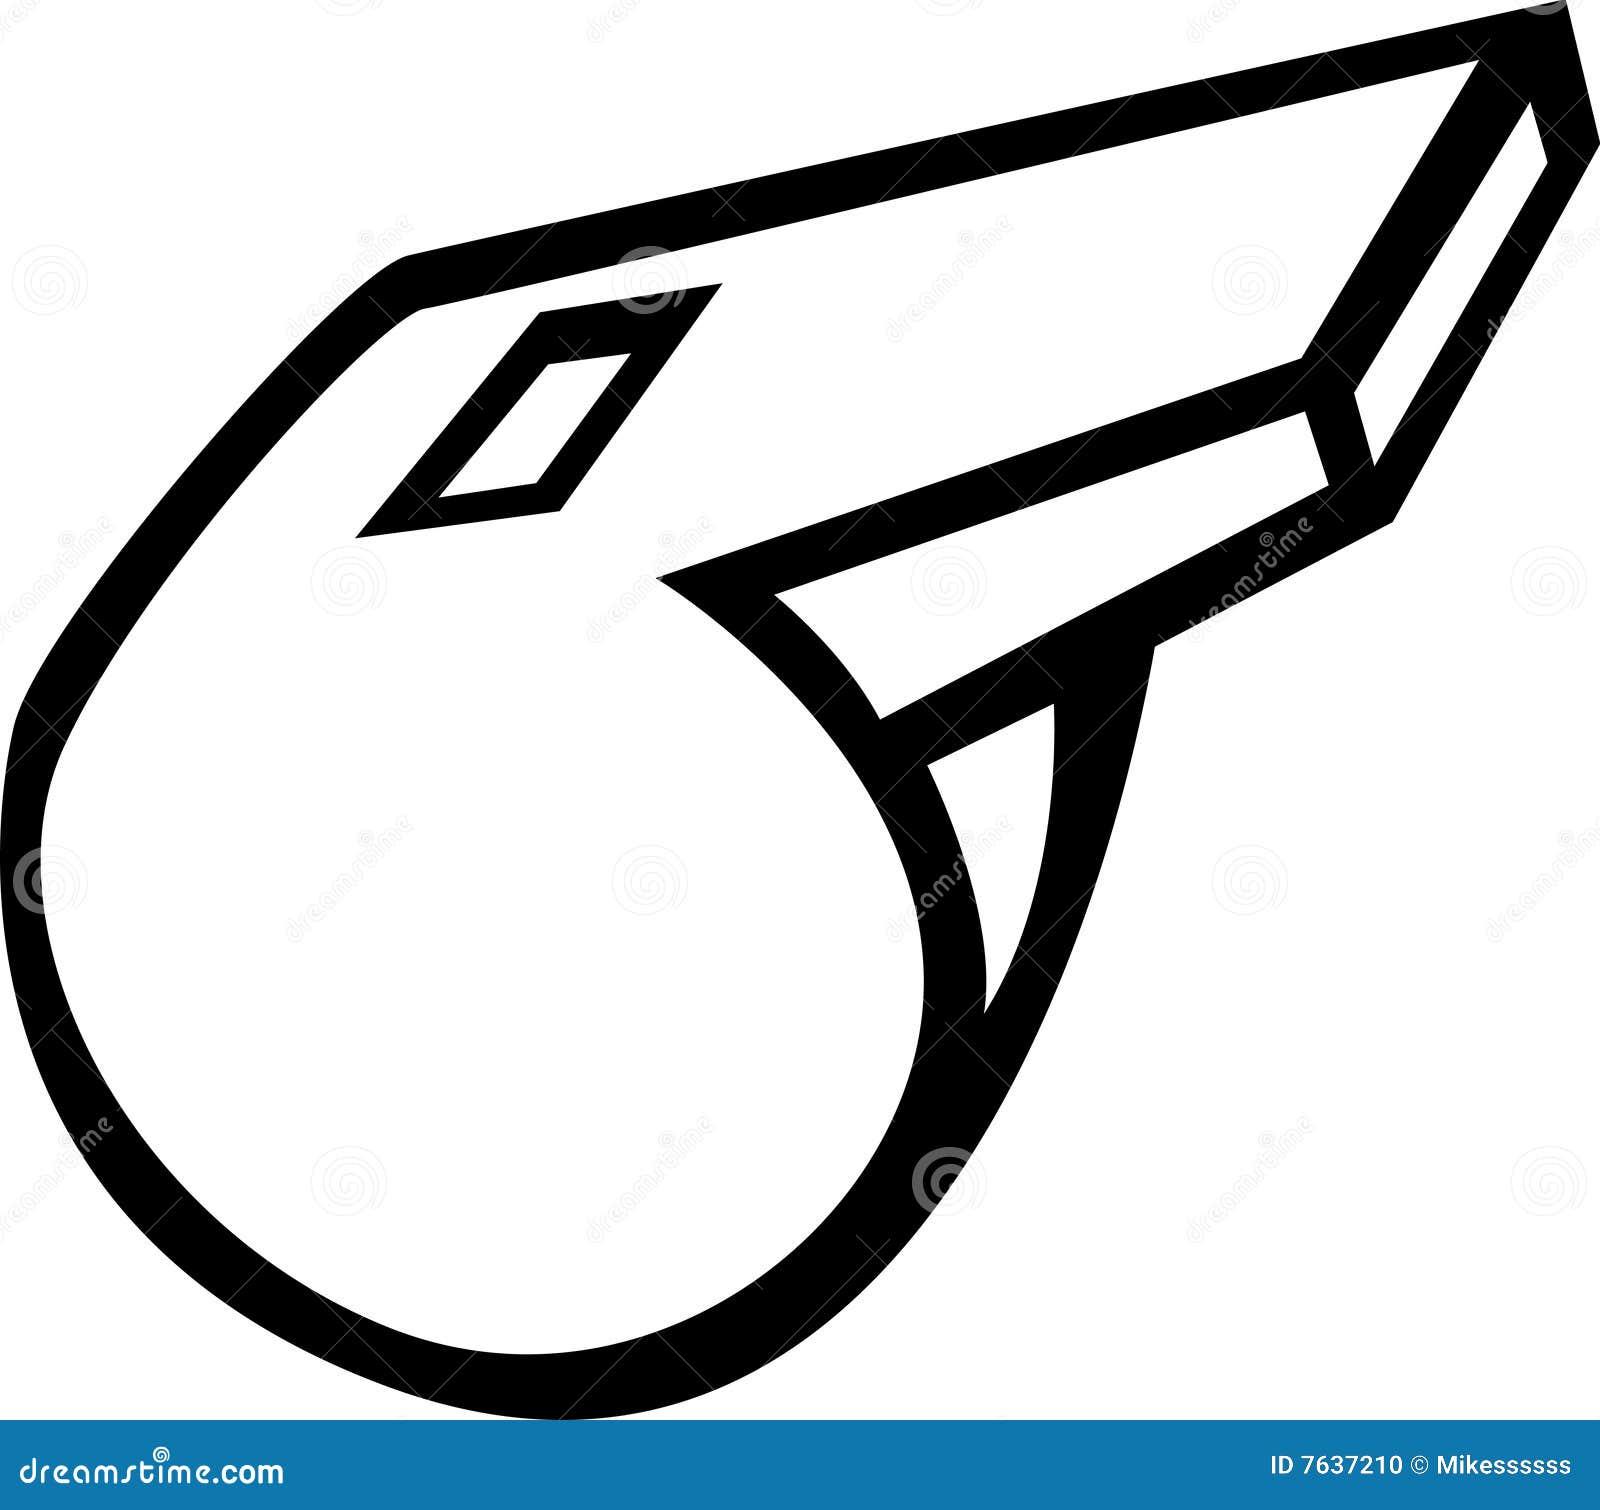 u4f8b u8bc1 u5411 u91cf u53e3 u54e8 no clip art sign no clip art in office 2010